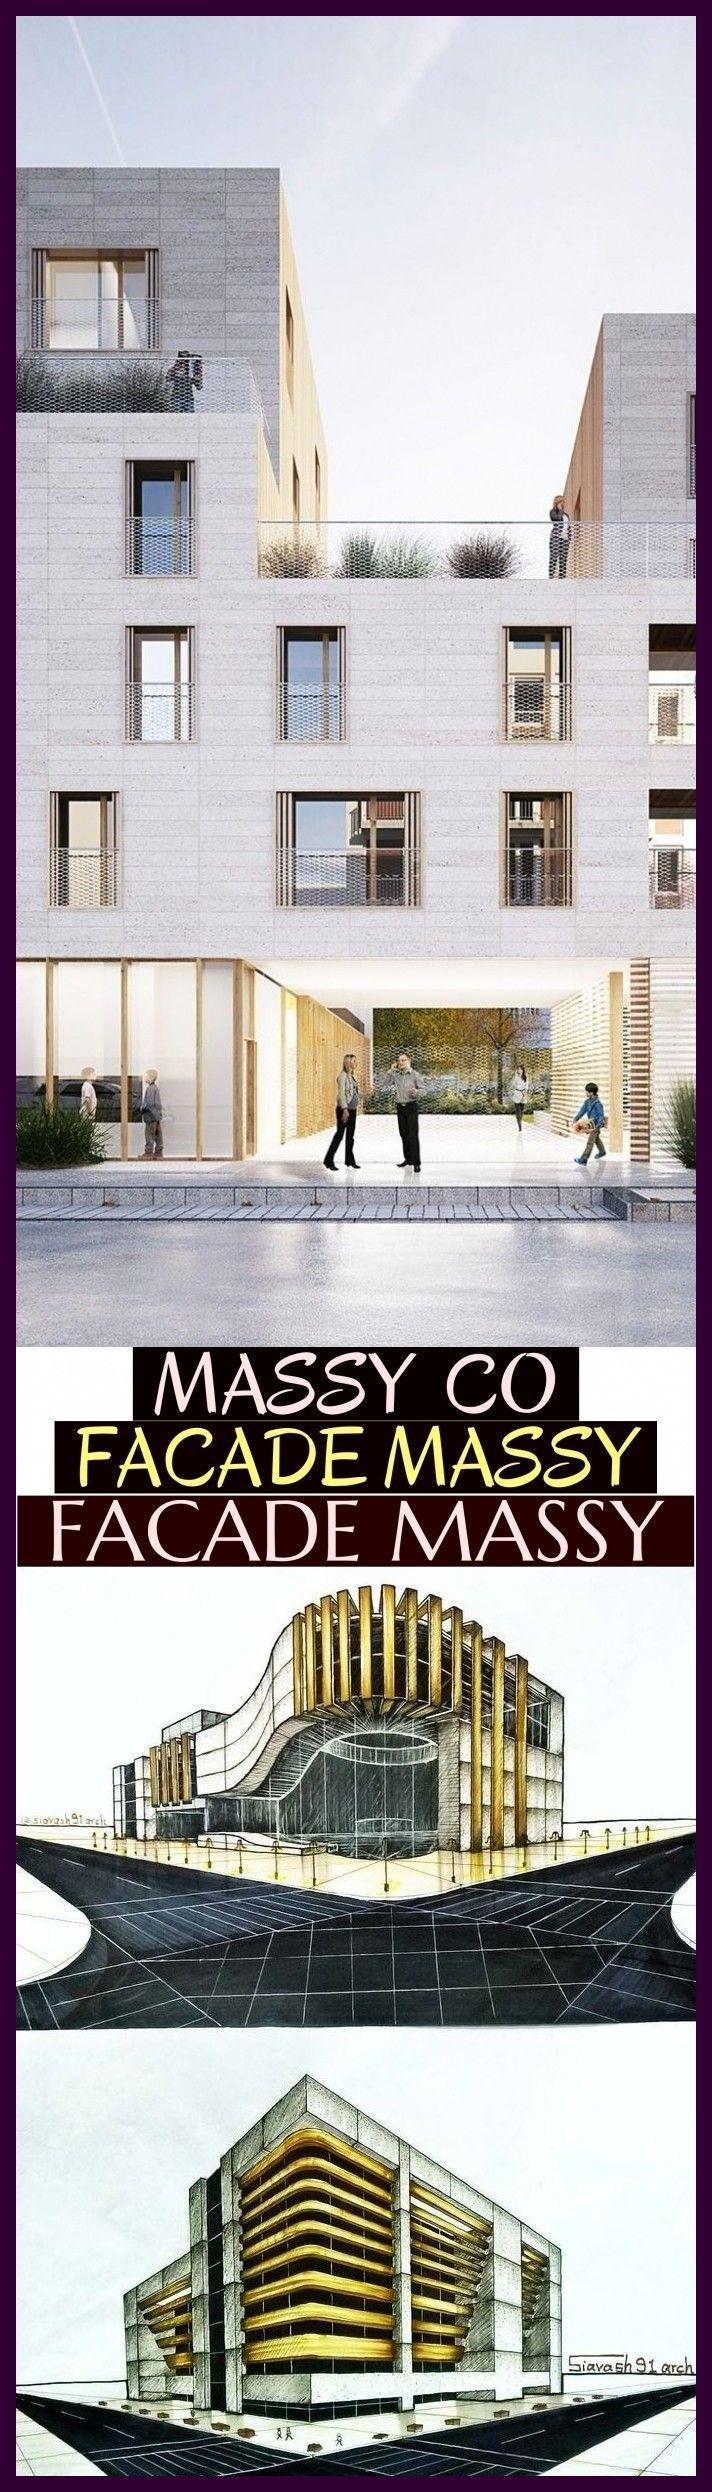 Massy - Co - Facade Massy - Facade Massy